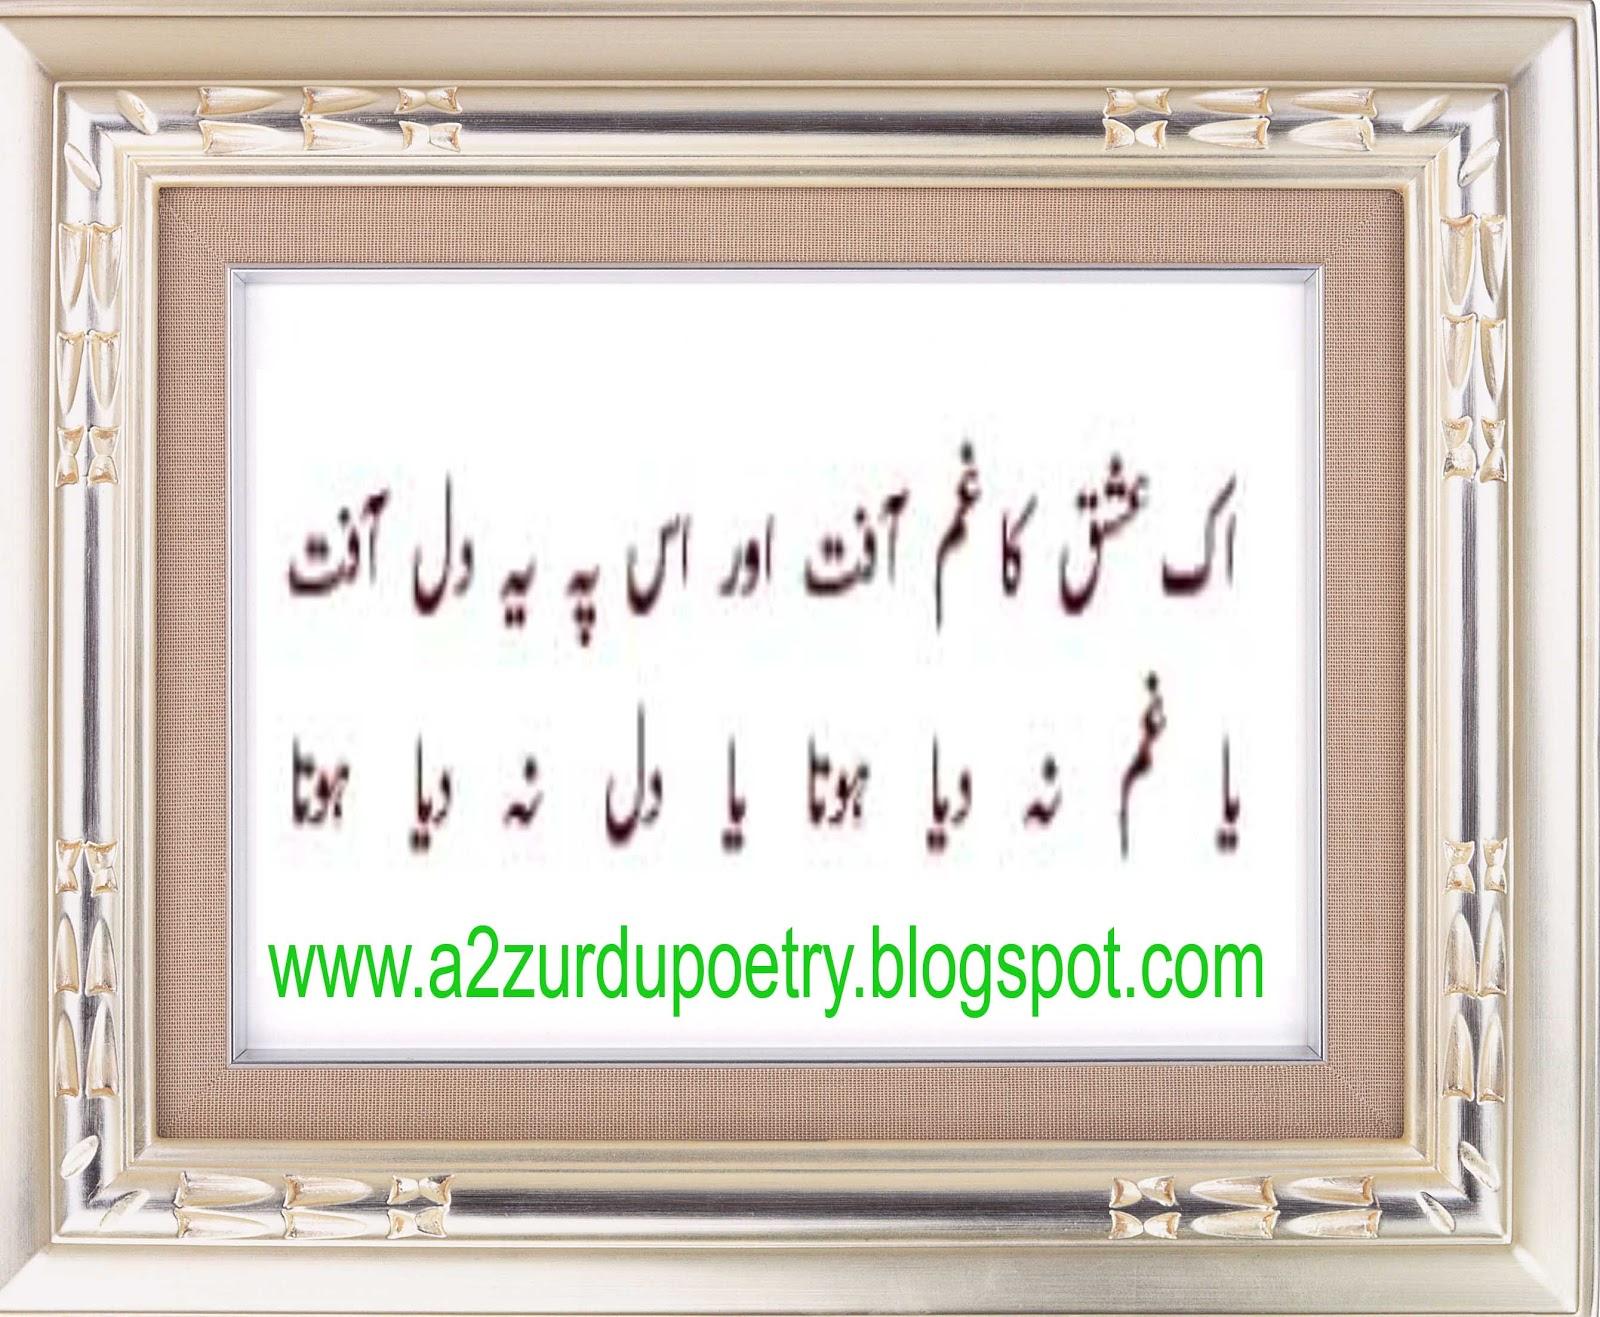 http://4.bp.blogspot.com/-almwCqYBj1E/Twvzl-YLGpI/AAAAAAAAAxk/xwgkPxFgJEI/s1600/aikishq%20ka%20ghum.jpg